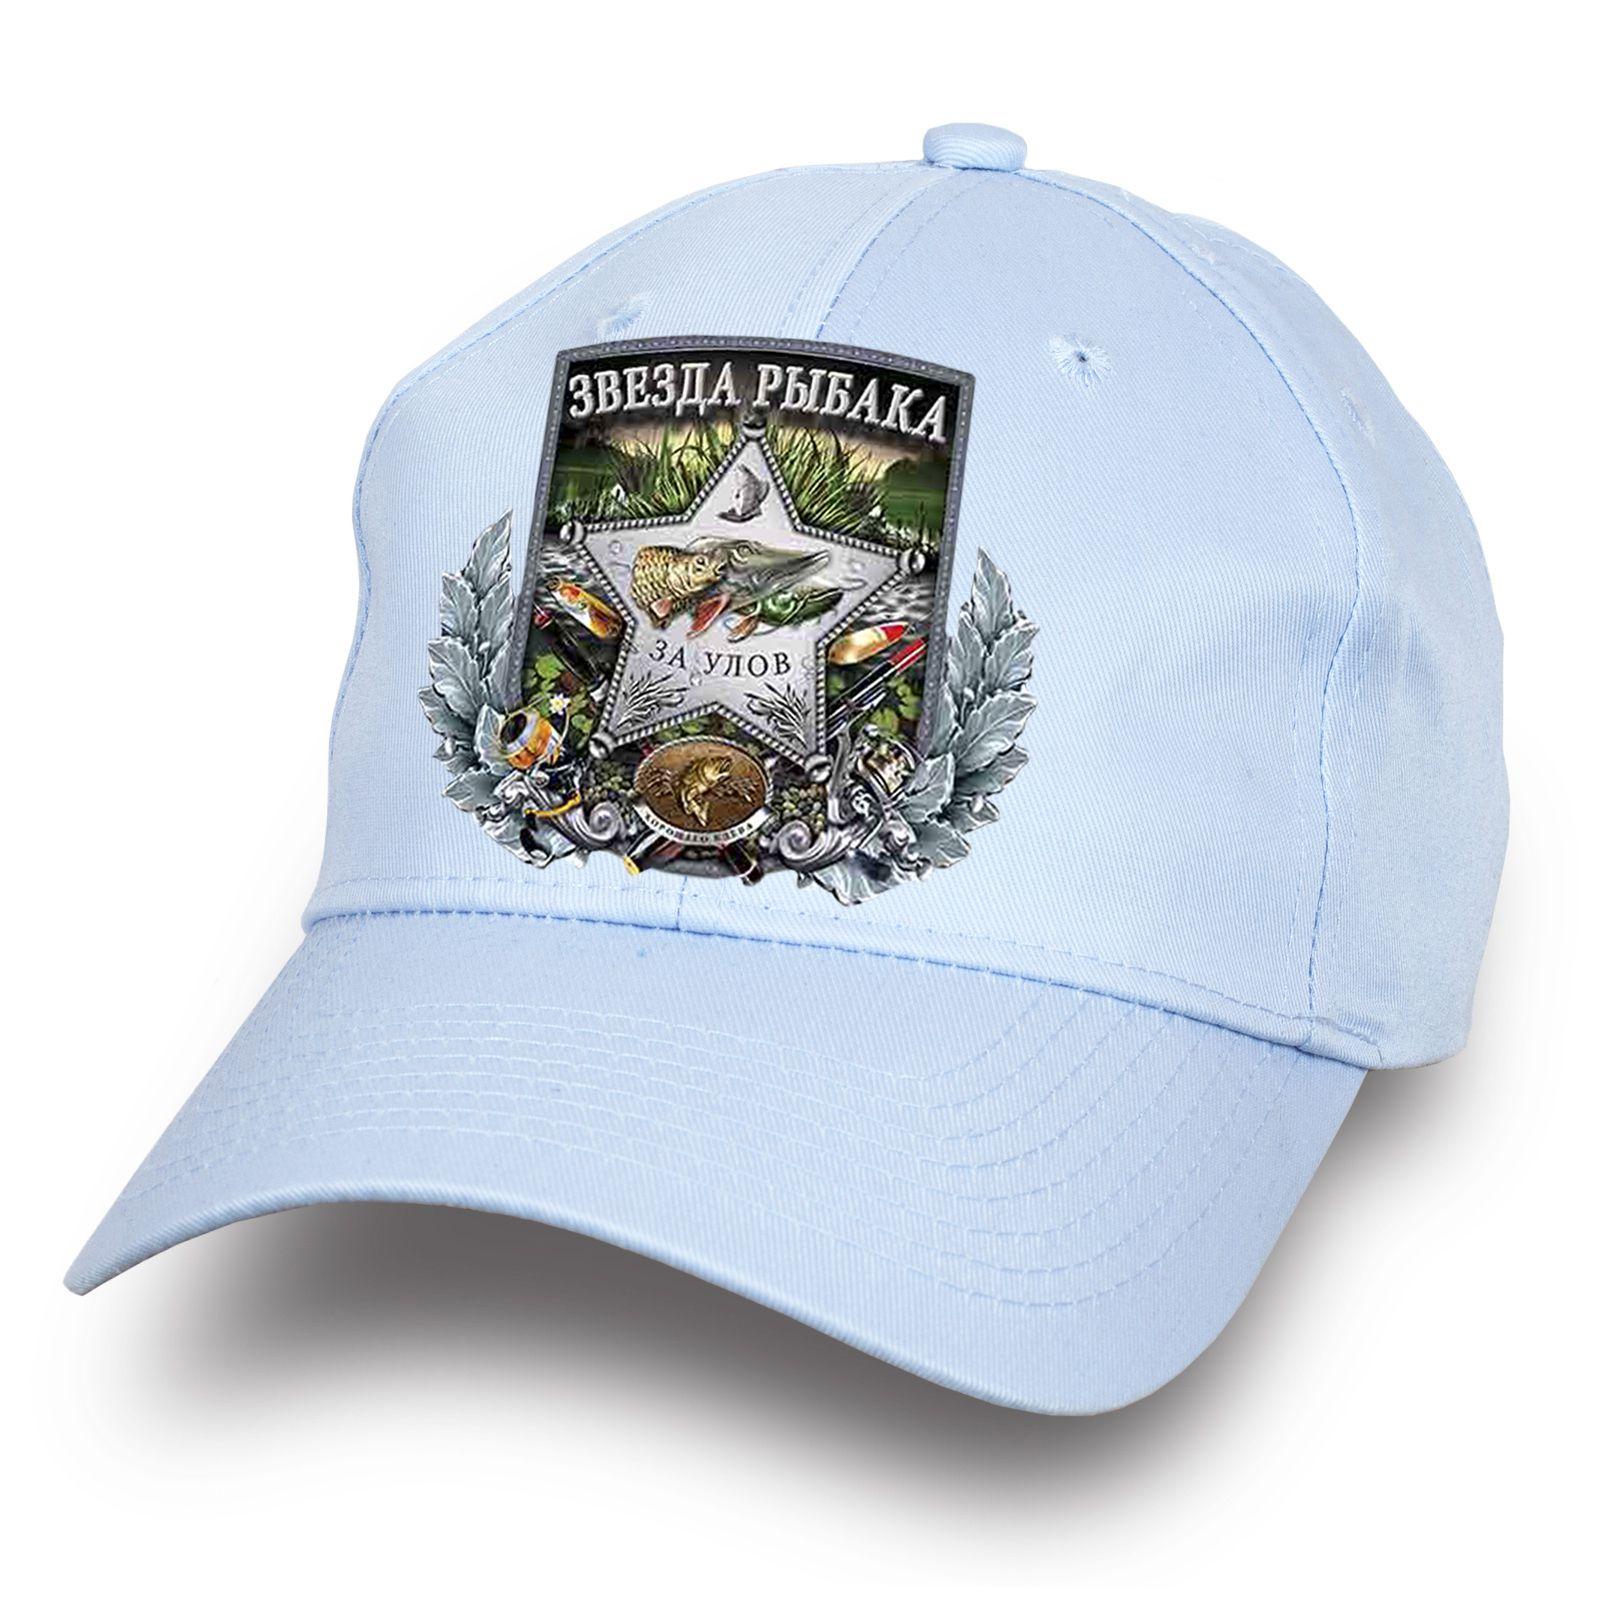 """Бейсболка """"Звезда рыбака"""" - купить по лучшей цене"""